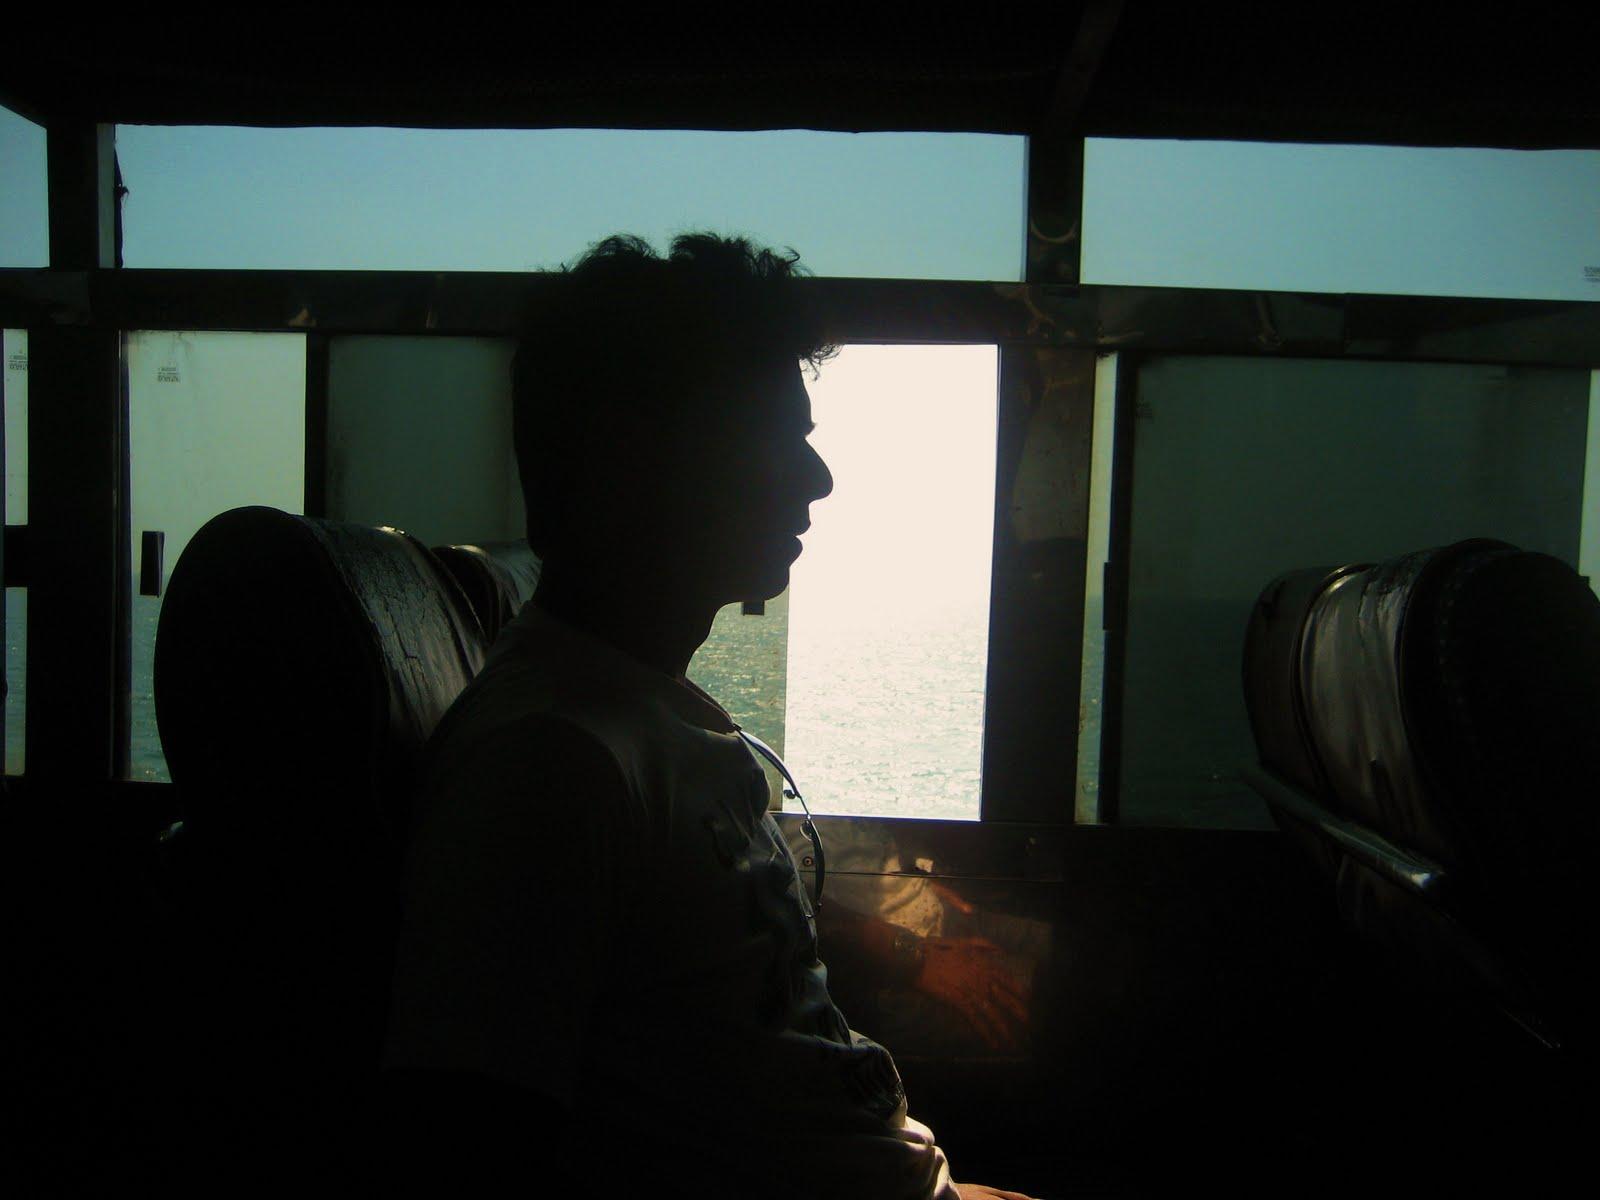 Sea seen through the bus